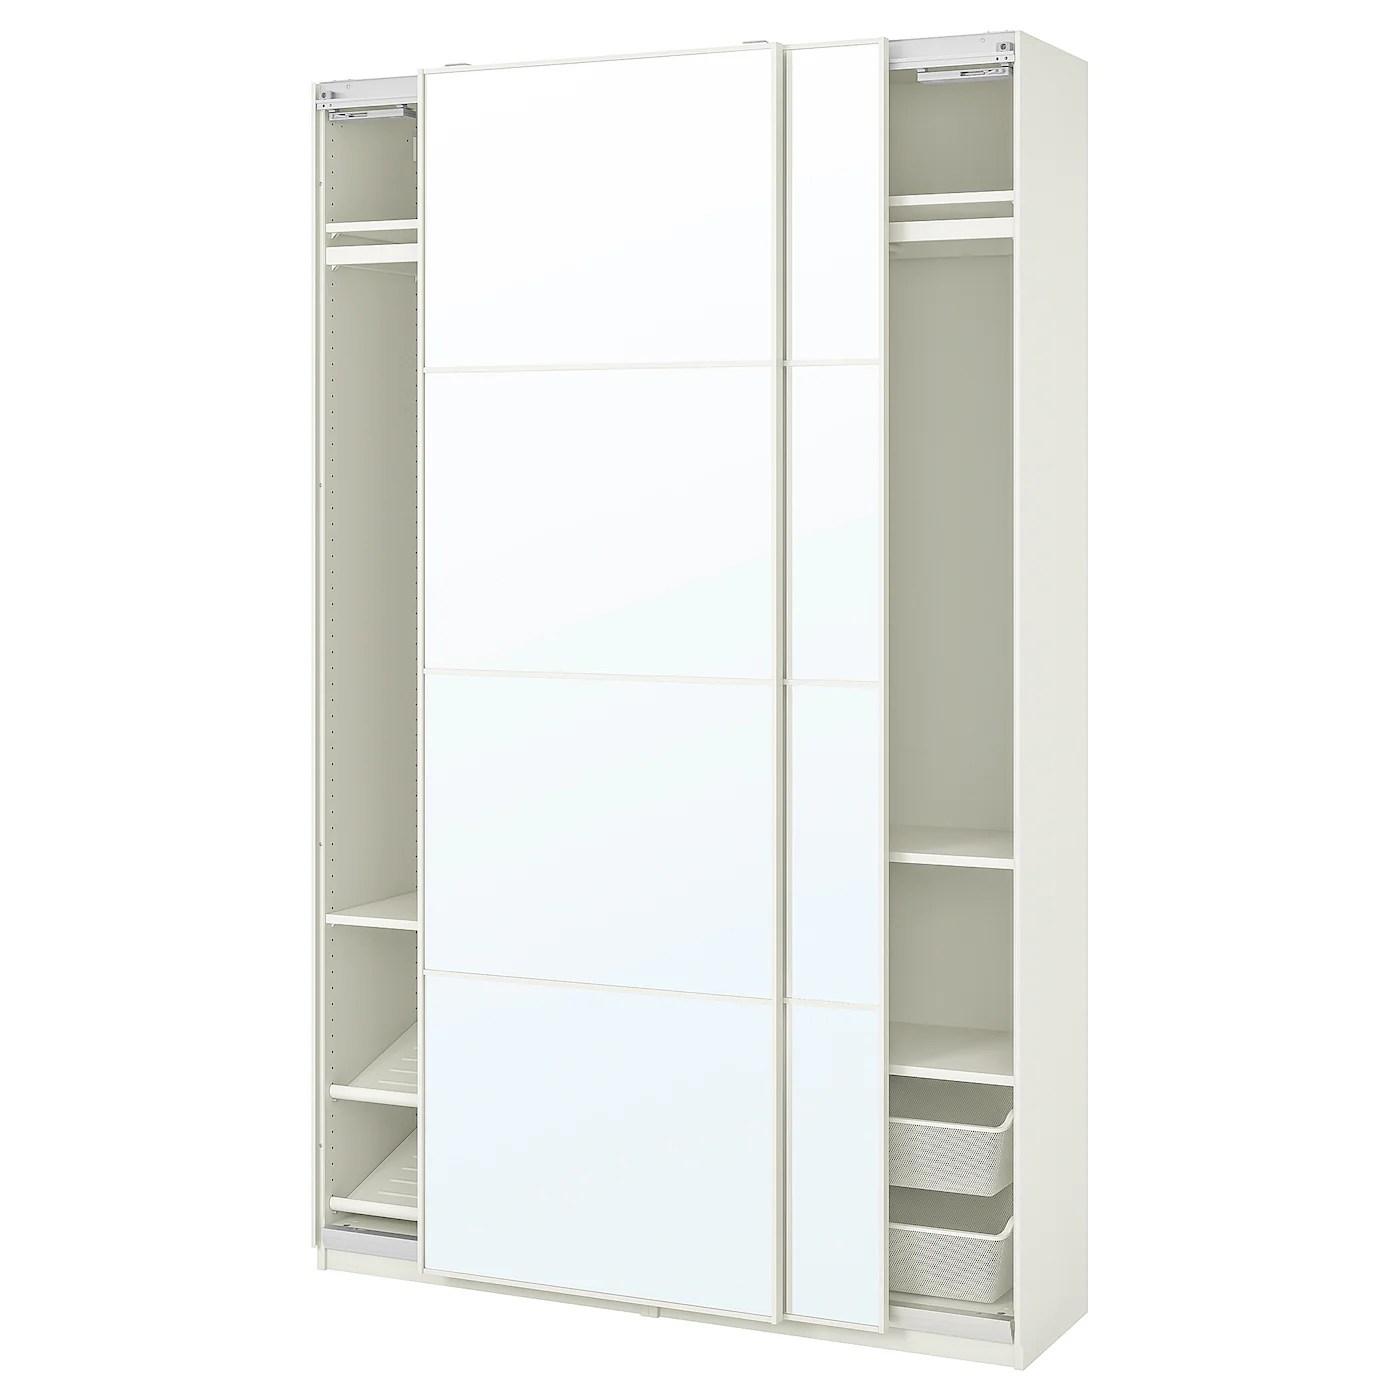 Pax Portes Coulissantes Ikea